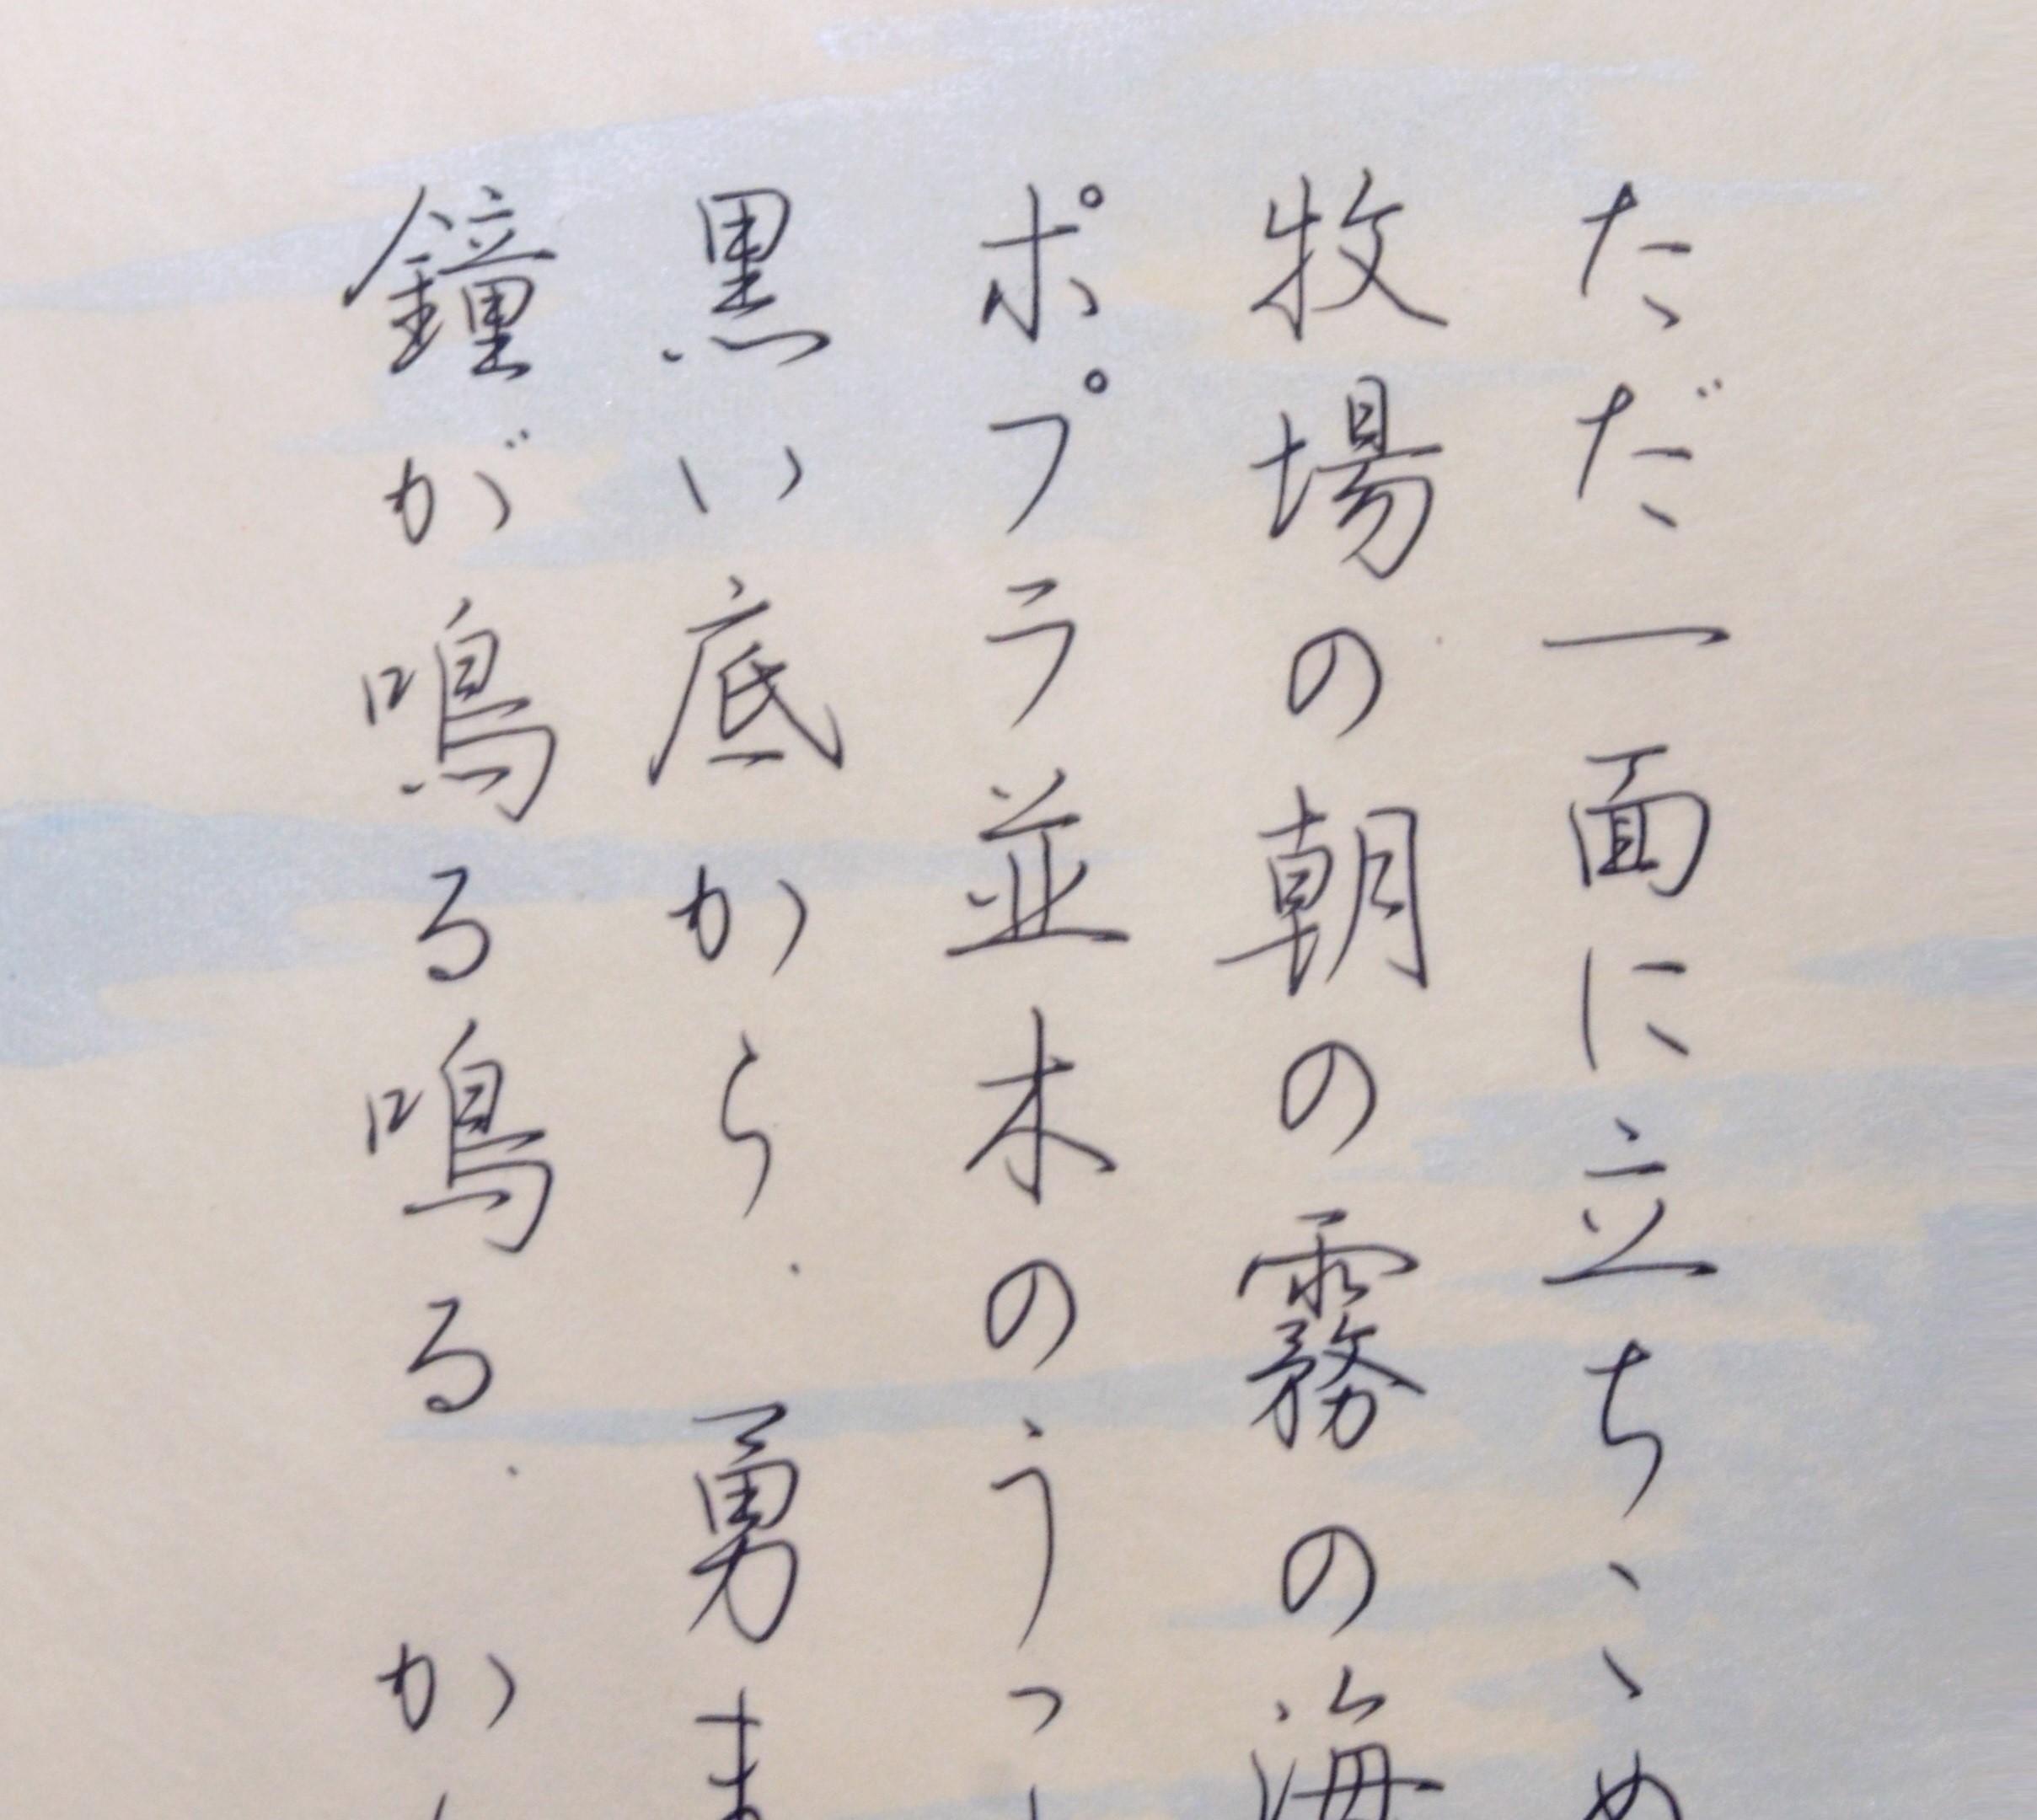 ペン字友の会   生涯学習通信講座   NHK学園